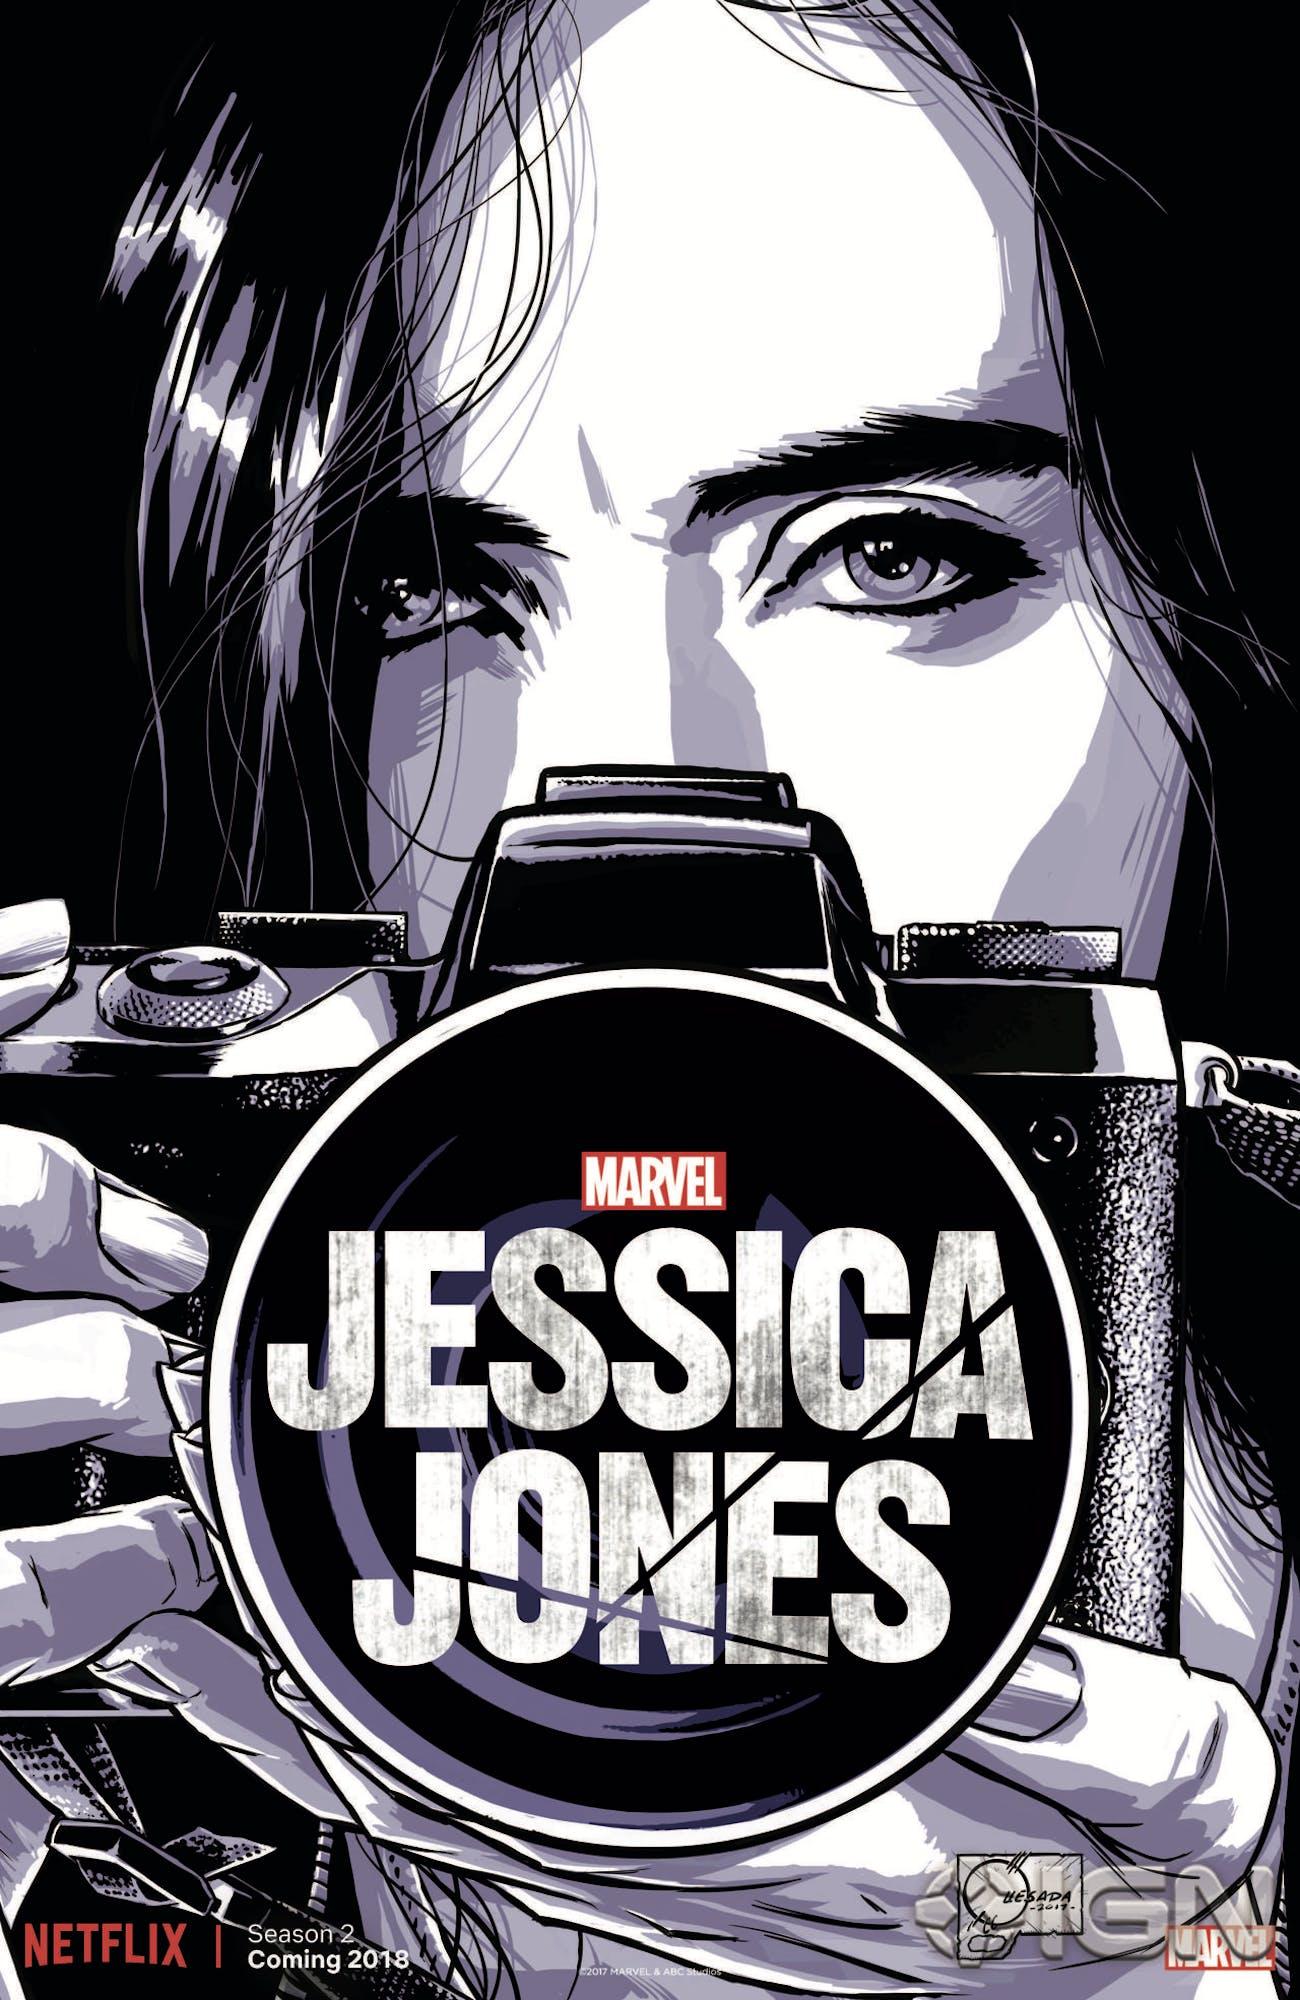 Jessica Jones Season 2